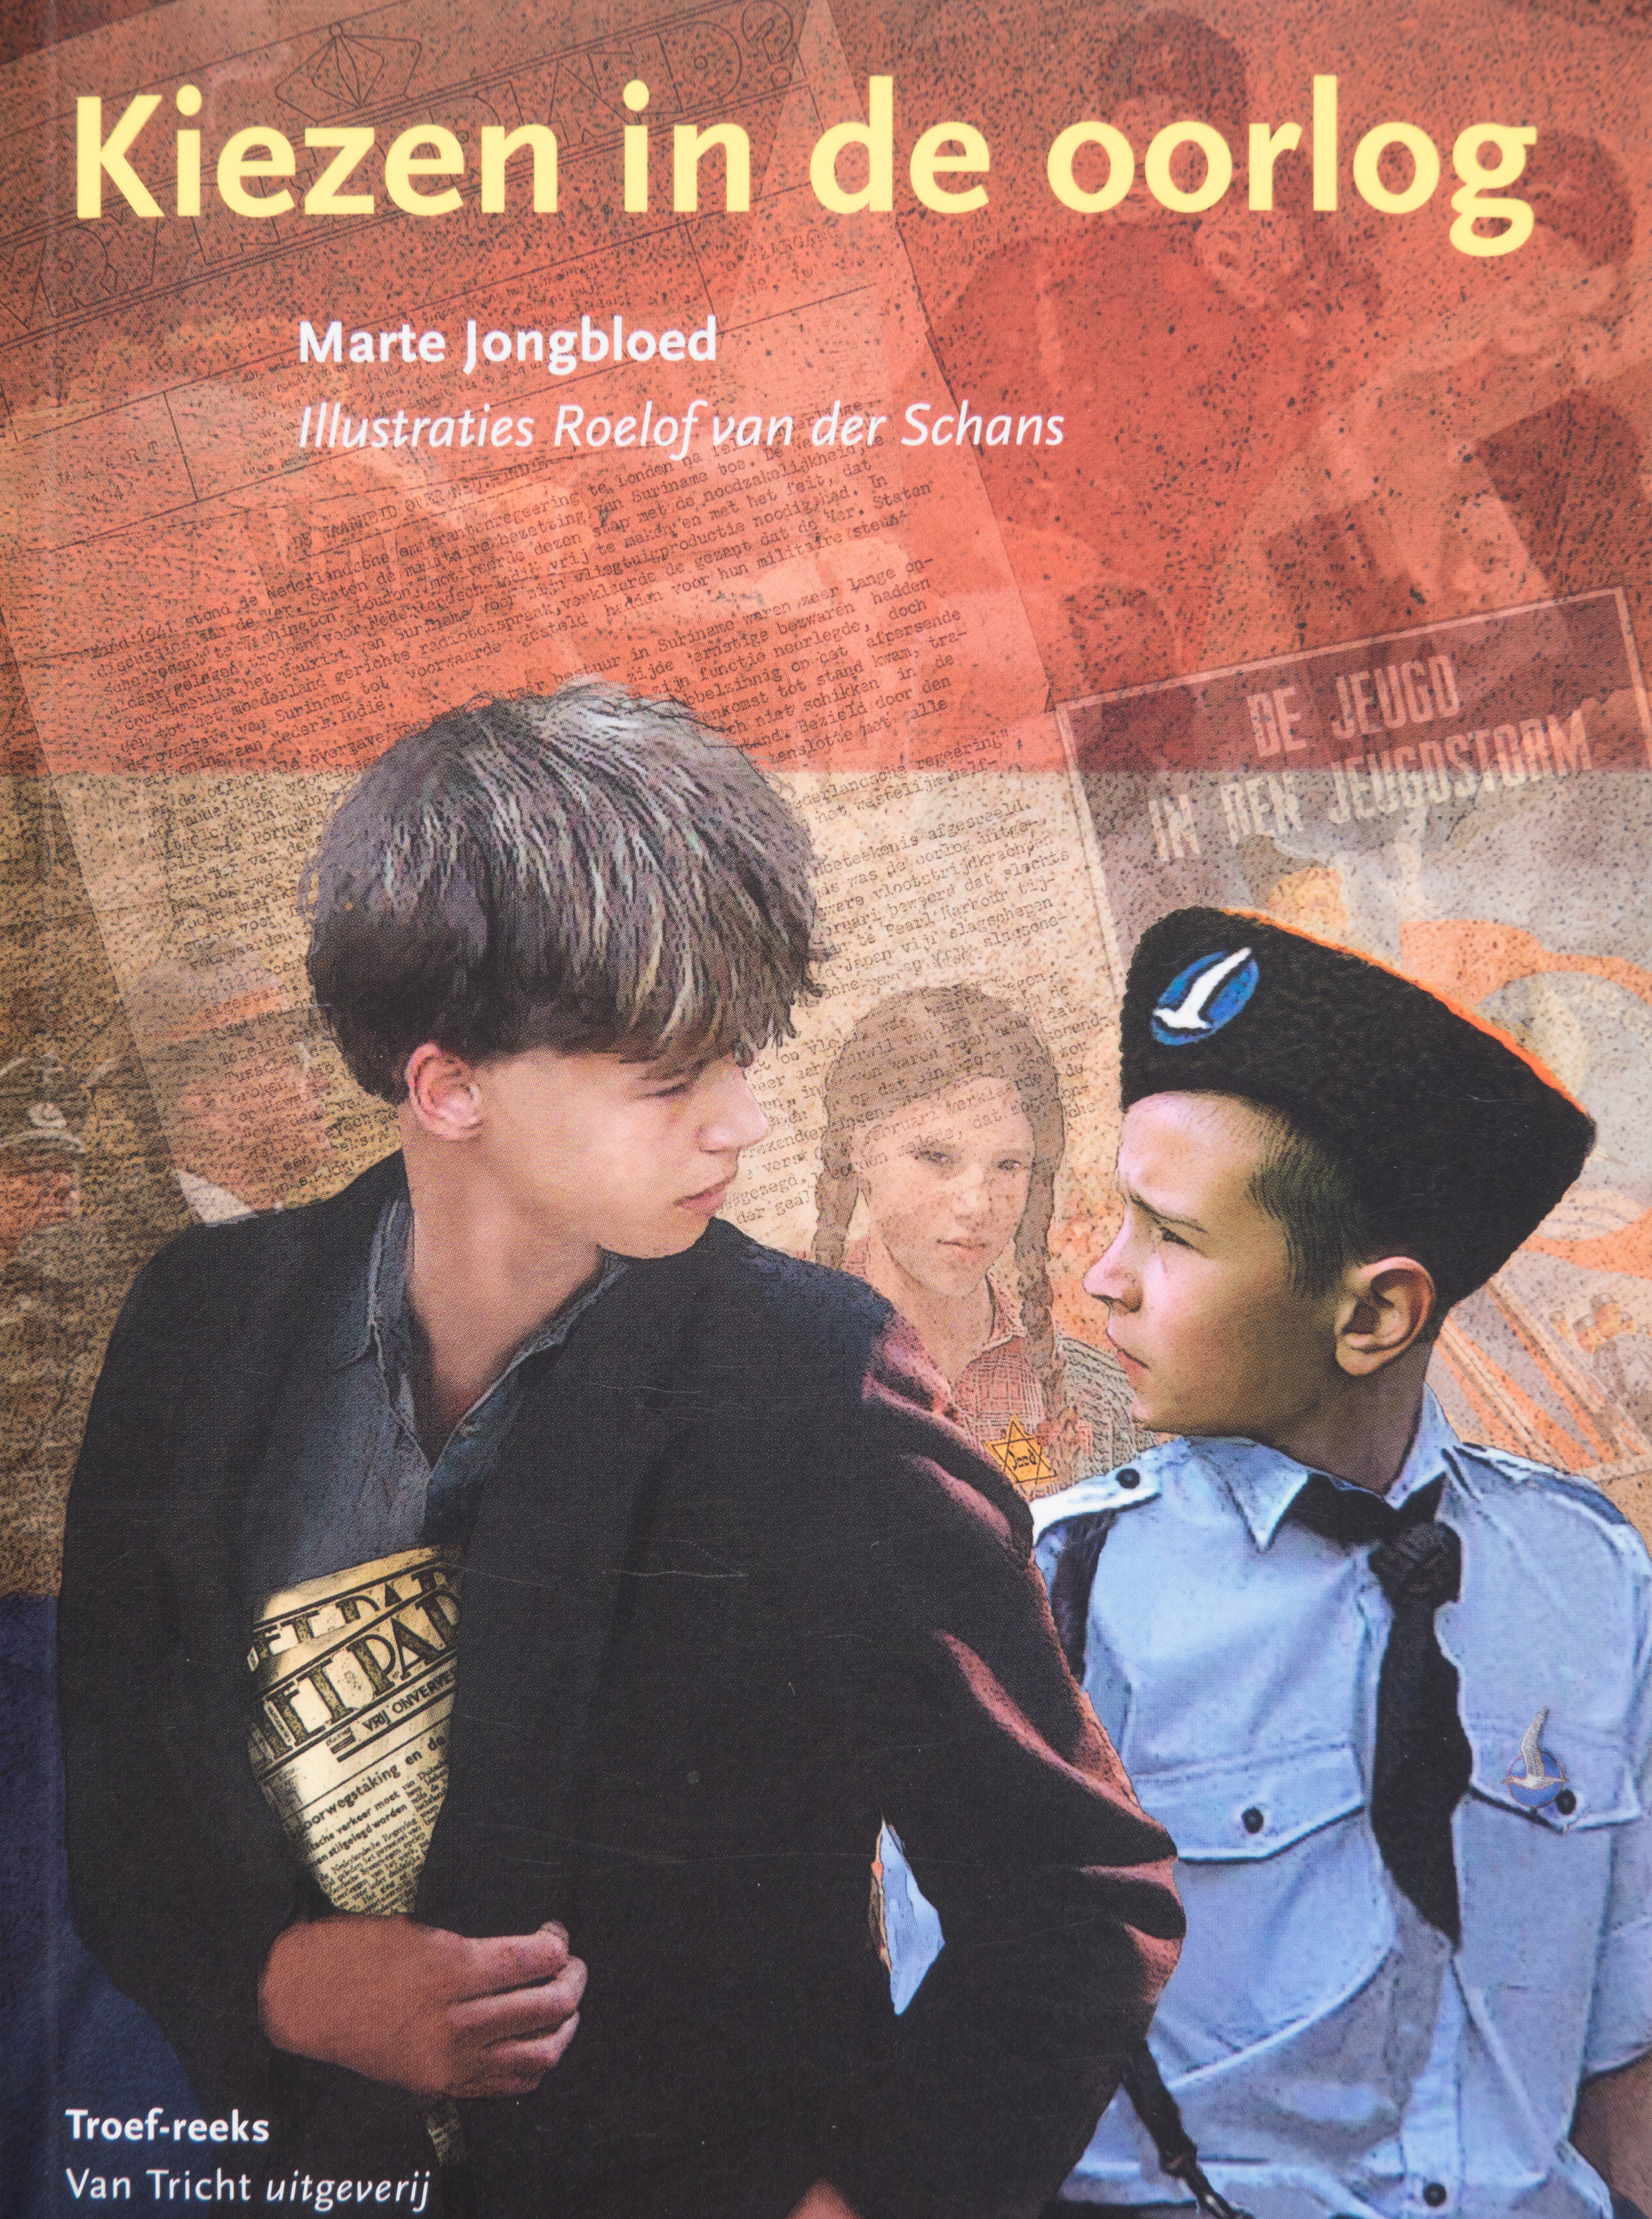 In mei 1940 wordt Nederland bezet door de Duitsers. Ineens is het oorlog. Gijs vindt het allemaal wel spannend. Maar al gauw zorgt de oorlog ook voor ruzie in huis. De vader van Gijs is lid van de NSB. Hij bewondert Hitler. De broer van Gijs, Teun, is juist fel tégen de Duitsers. Gijs twijfelt. Wie heeft er gelijk? Zijn vader of zijn broer? Hoe lang is Gijs' Joodse vriendinnetje Lea nog veilig? Gijs moet kiezen tussen zijn vader en zijn broer. Maar hoe weet je wat 'goed' en 'fout' is in een oorlog? Hoe weet je wie je nog kan vertrouwen?